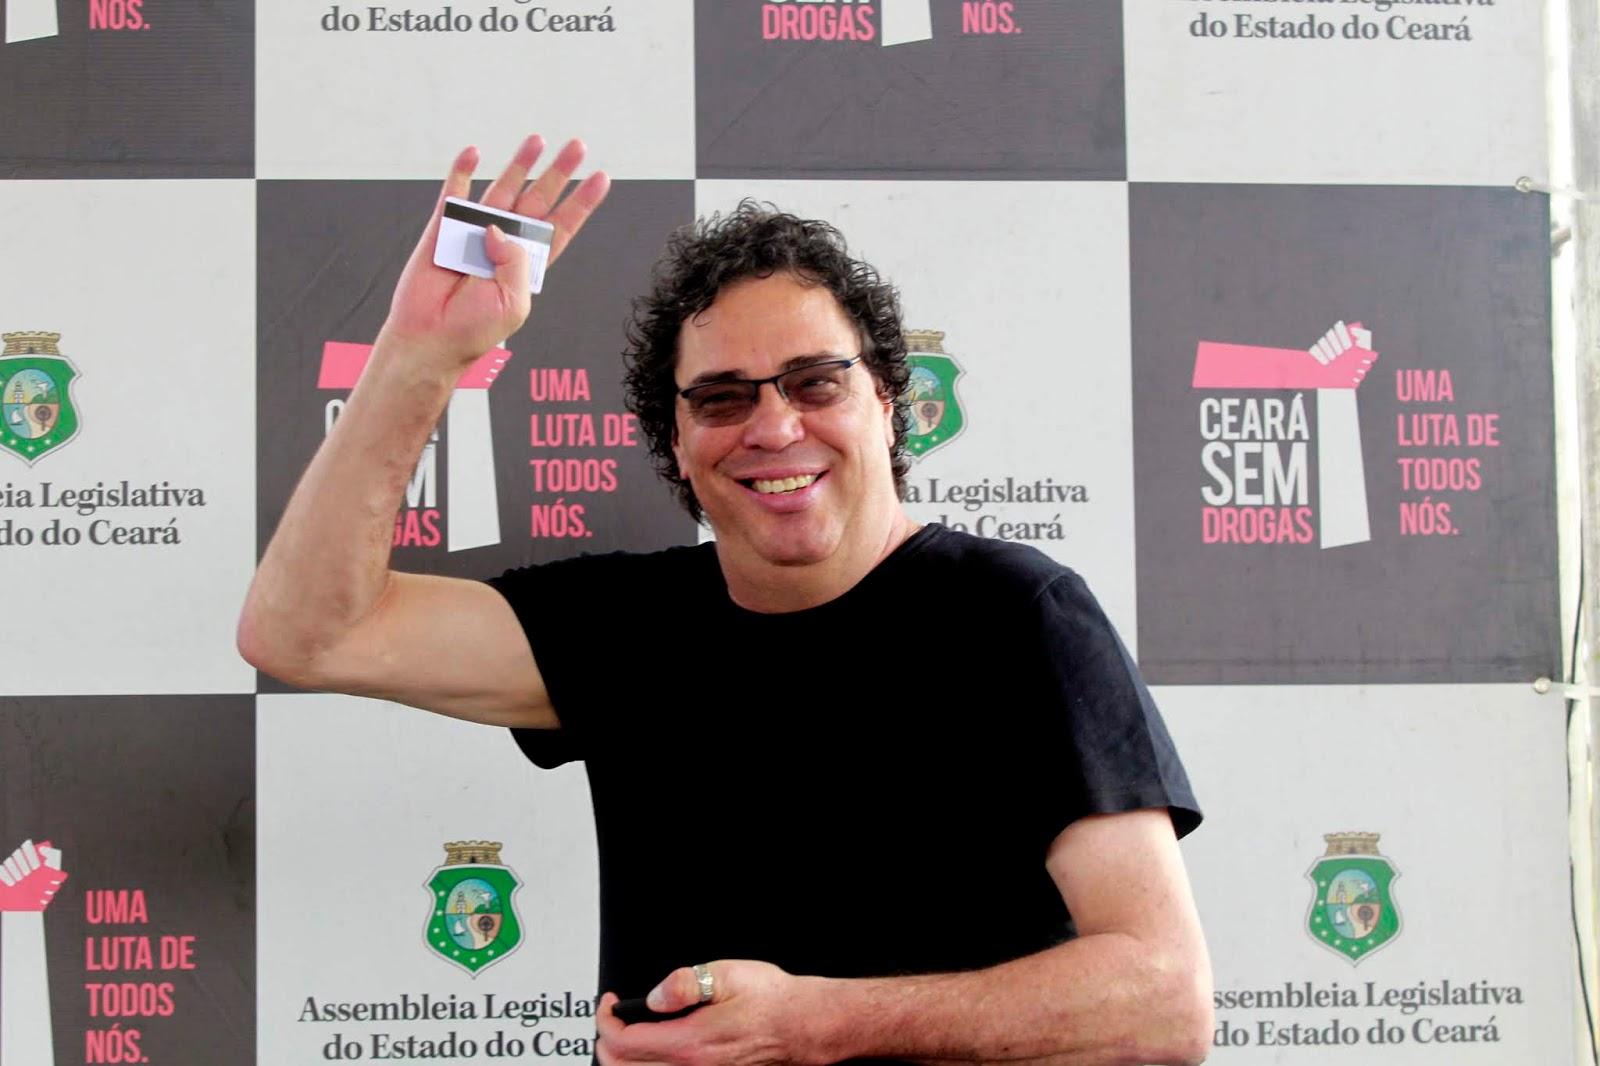 9c1db24a02 Acopiara recebe 27ª edição da Campanha Ceará Sem Drogas nesta sexta ...